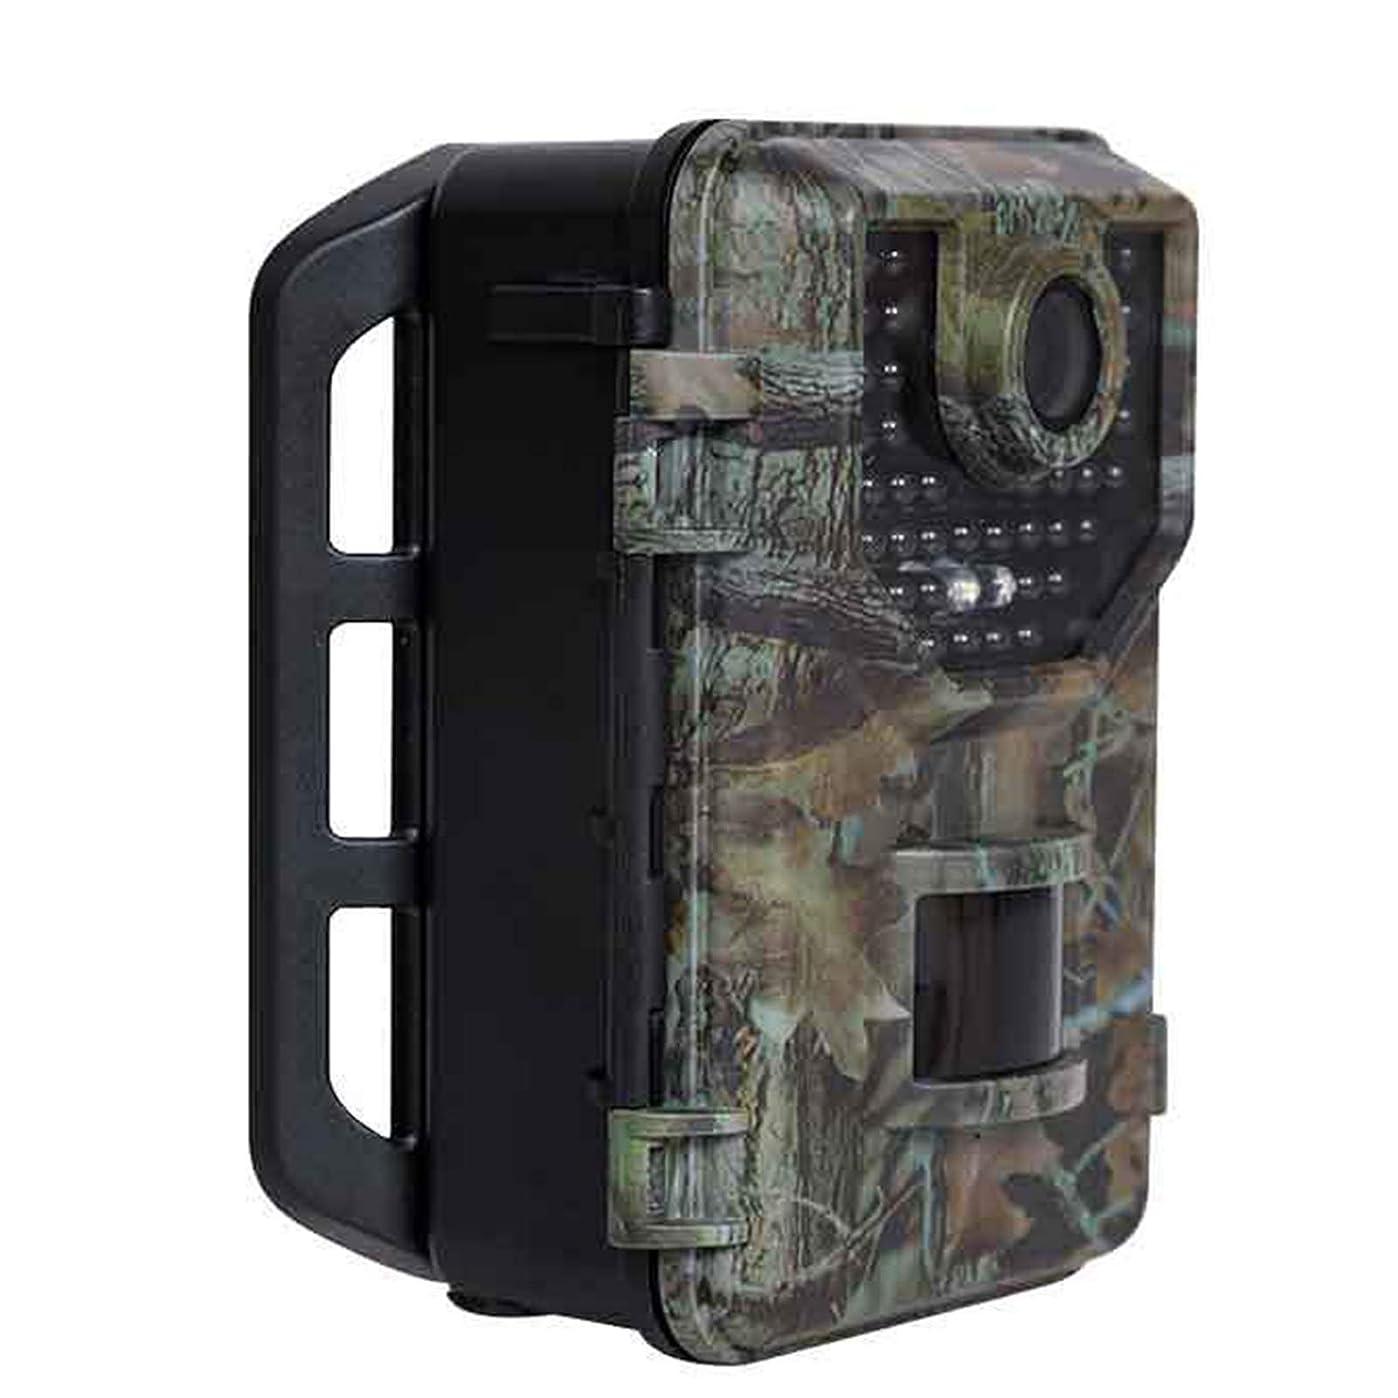 マインドフルアナニバー構成する野生生物の監視、庭、ホームセキュリティ監視のための赤外線モーションアクティブ化ゲームカメラナイトビジョン最大20mおよびIP66スプレー防水を備えた野生生物カメラ16MP HD1080Pトラップ